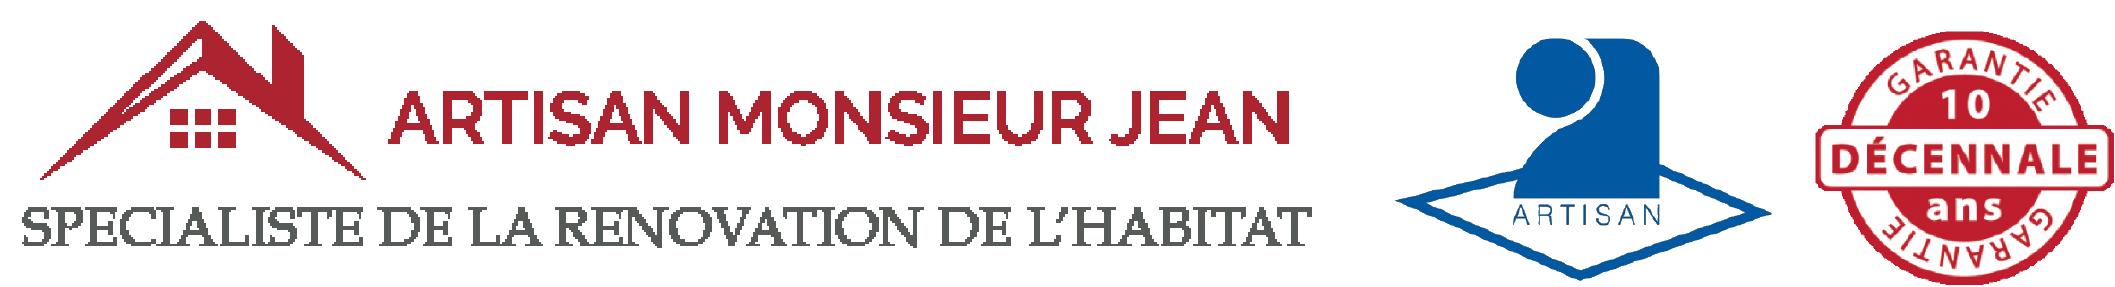 Artisan Monsieur Jean couvreur spécialiste de la réparation et fuite de toiture à Fréjus, Hyères et Brignoles